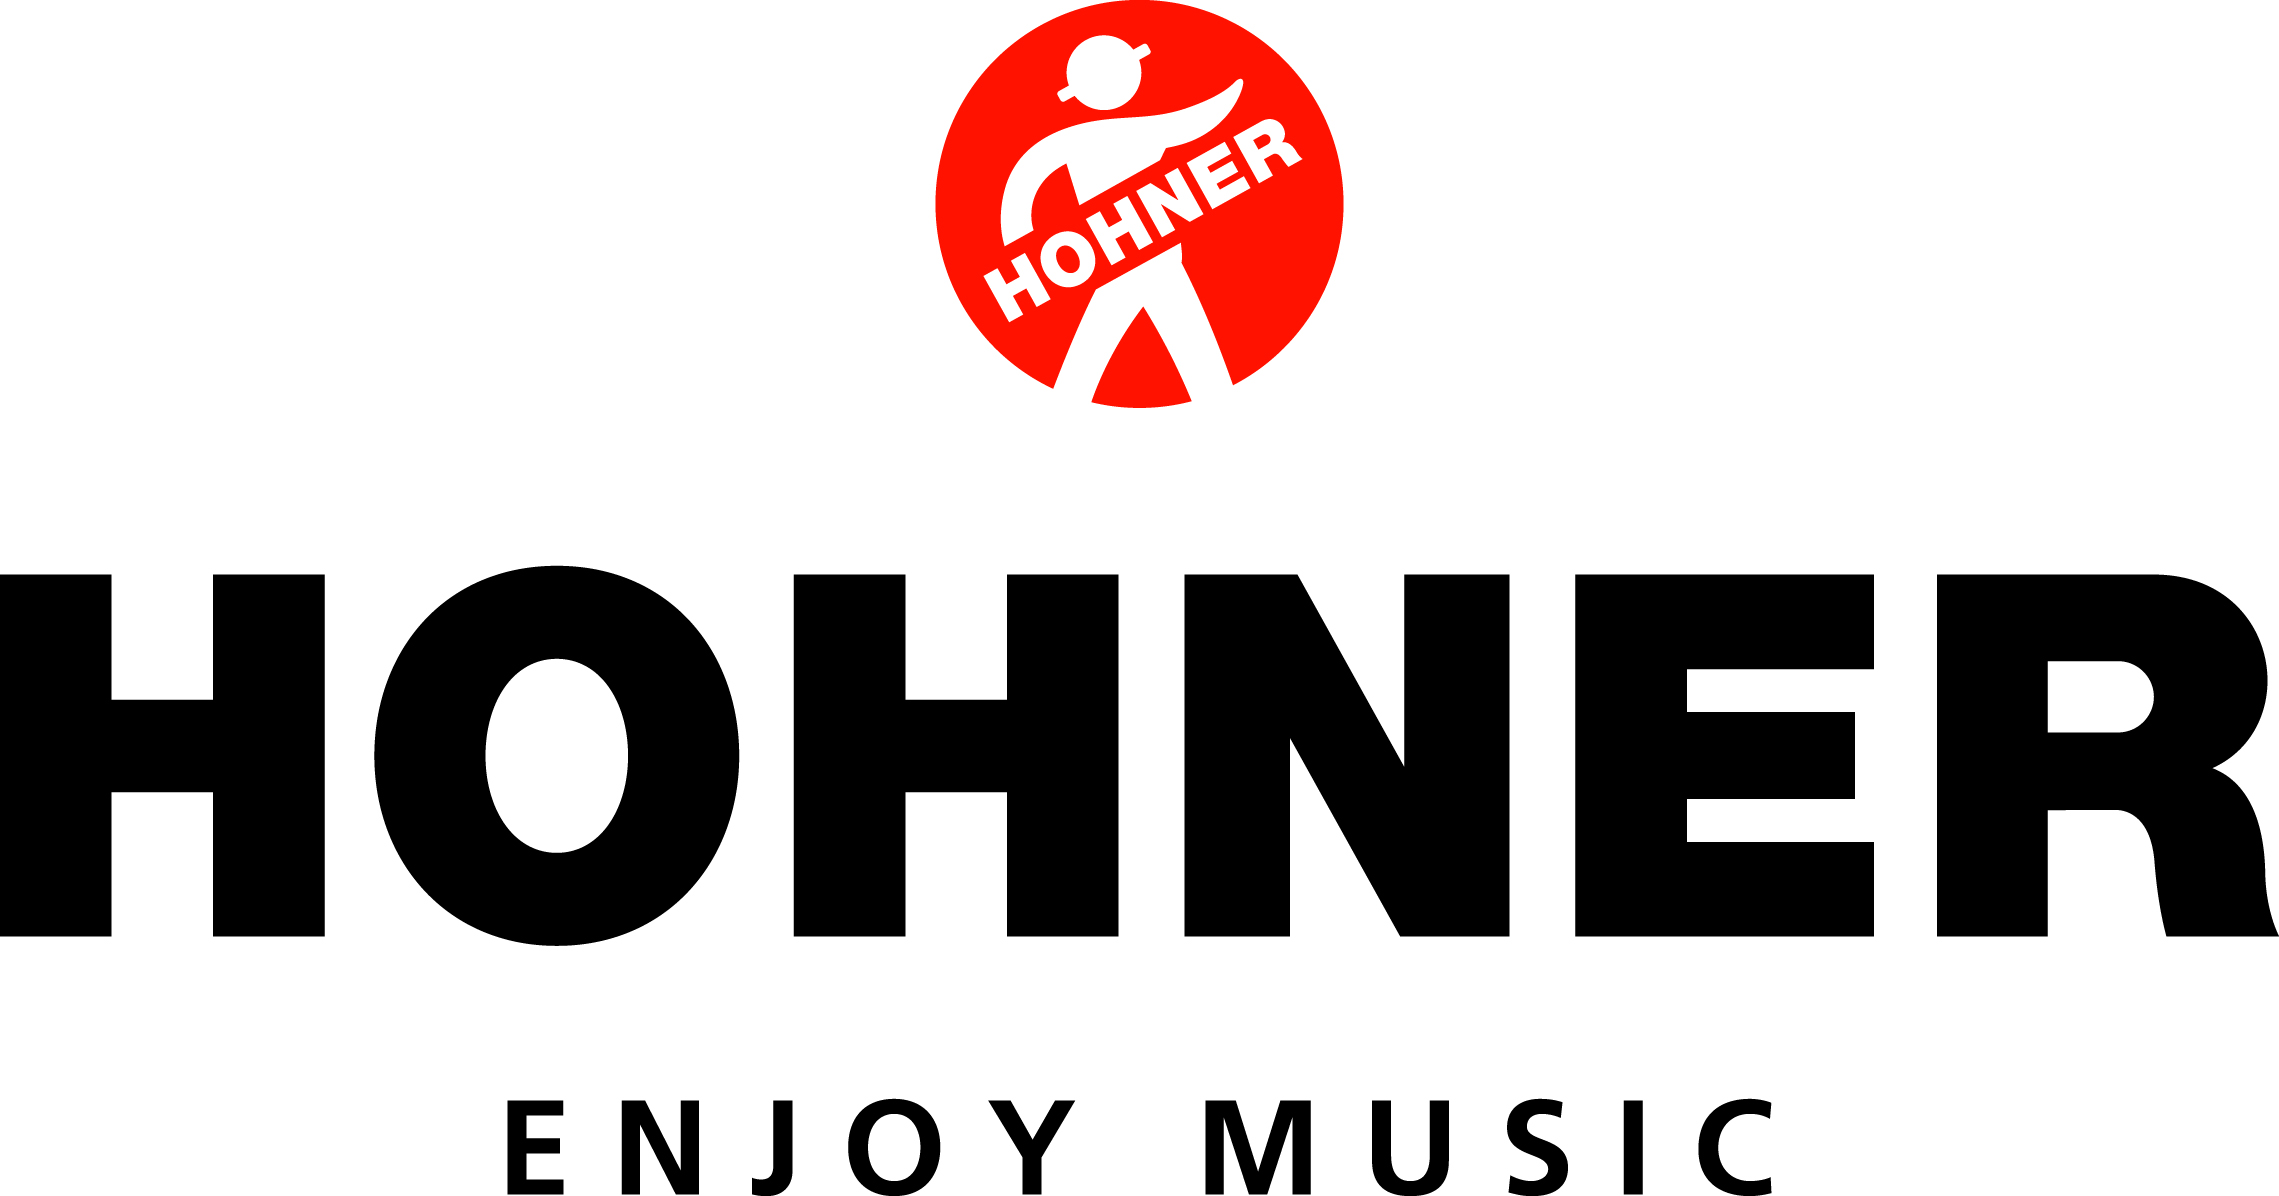 hohner logo 2017.jpg